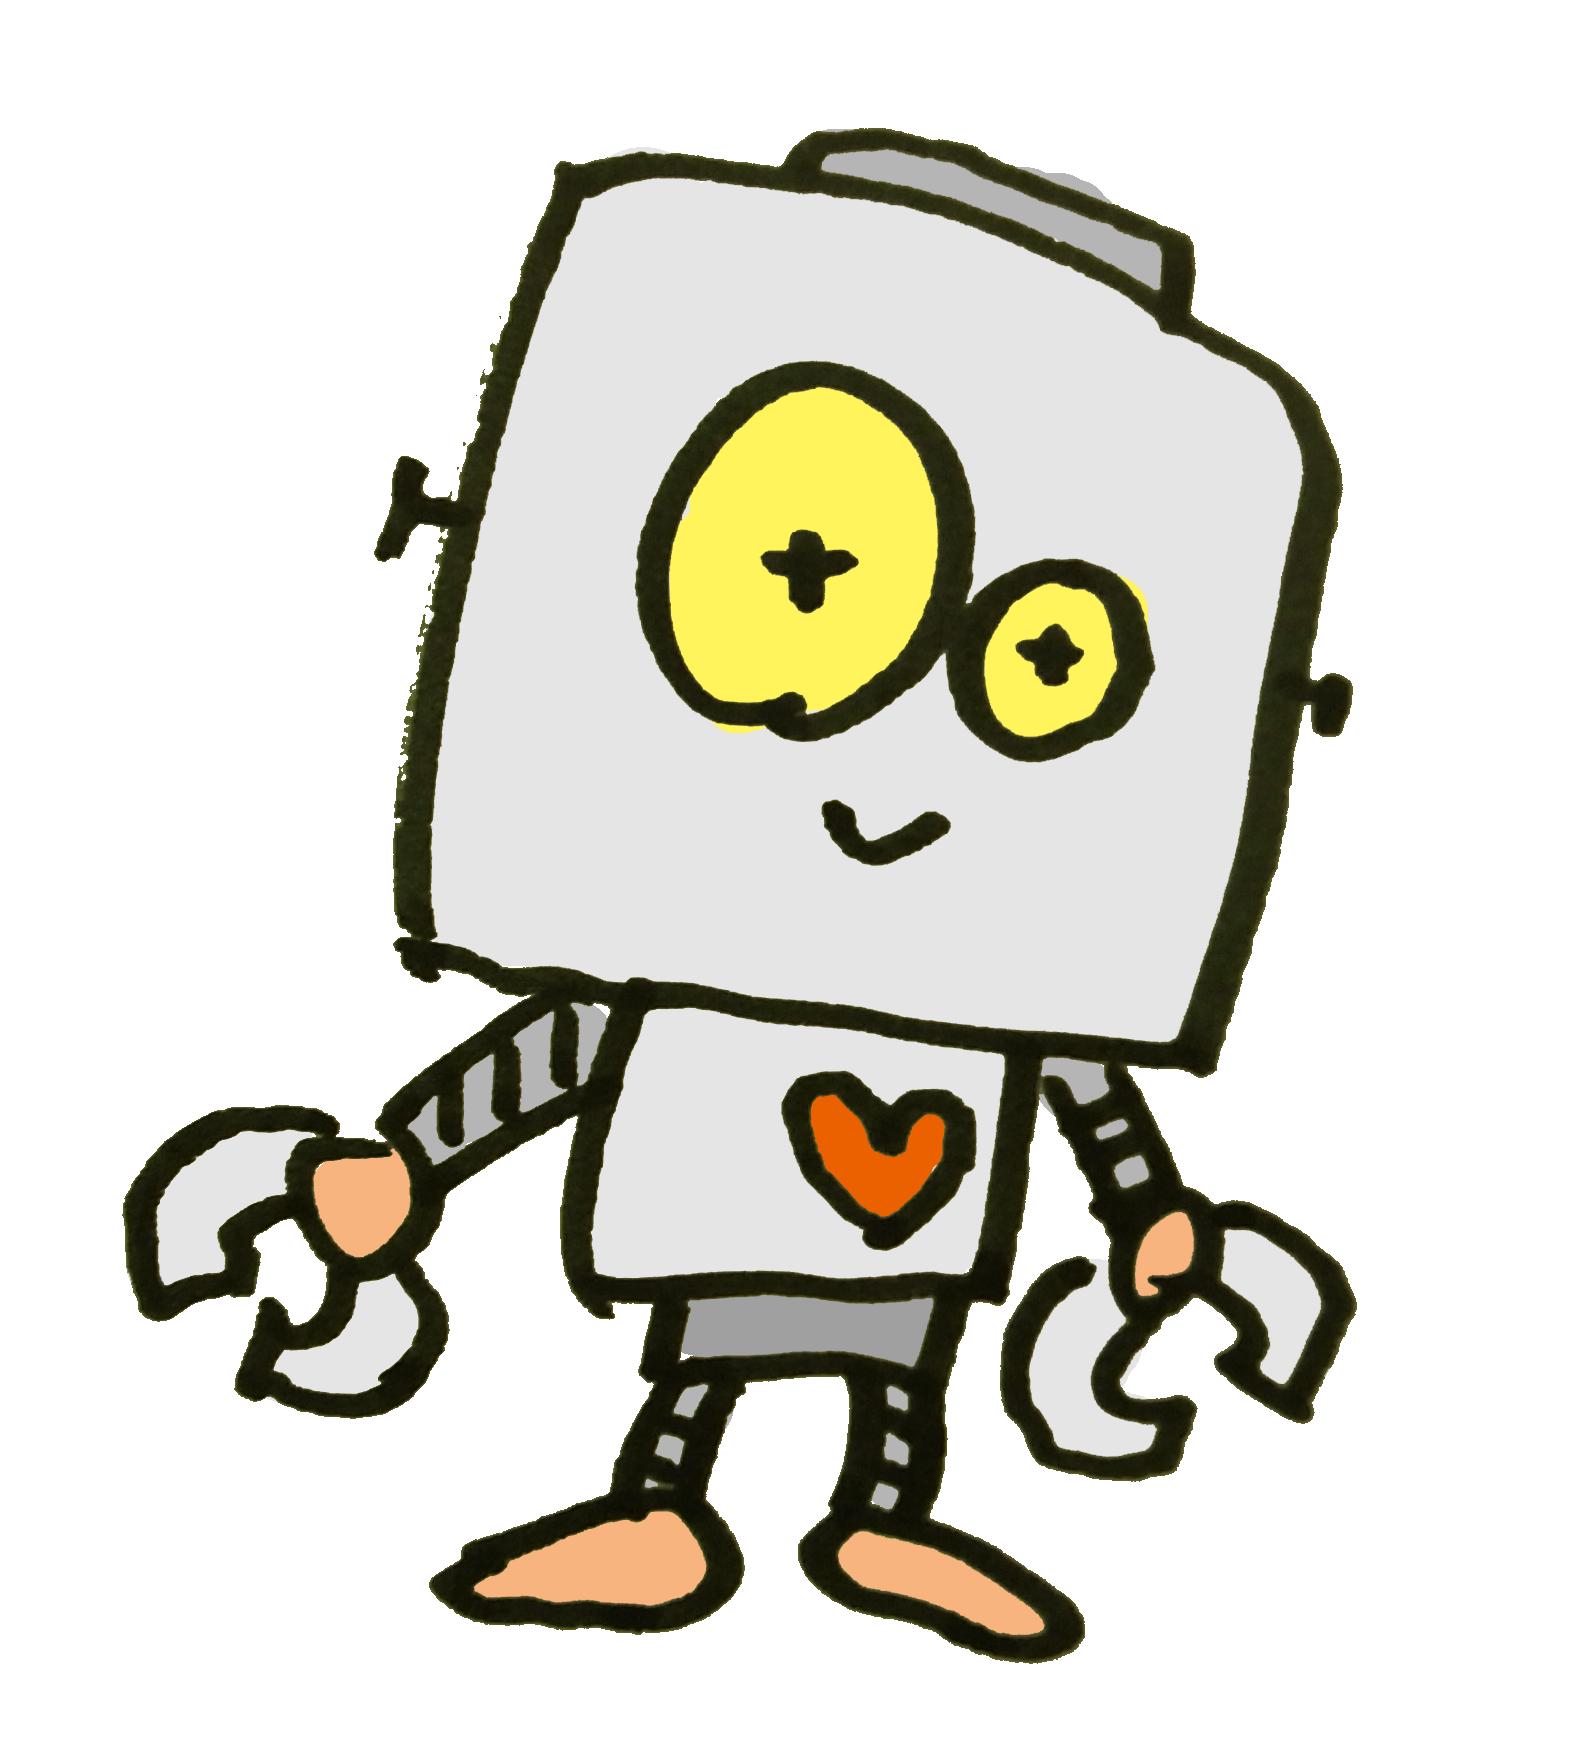 昔ながらのロボットのイラスト | ゆるくてかわいい無料イラスト素材屋